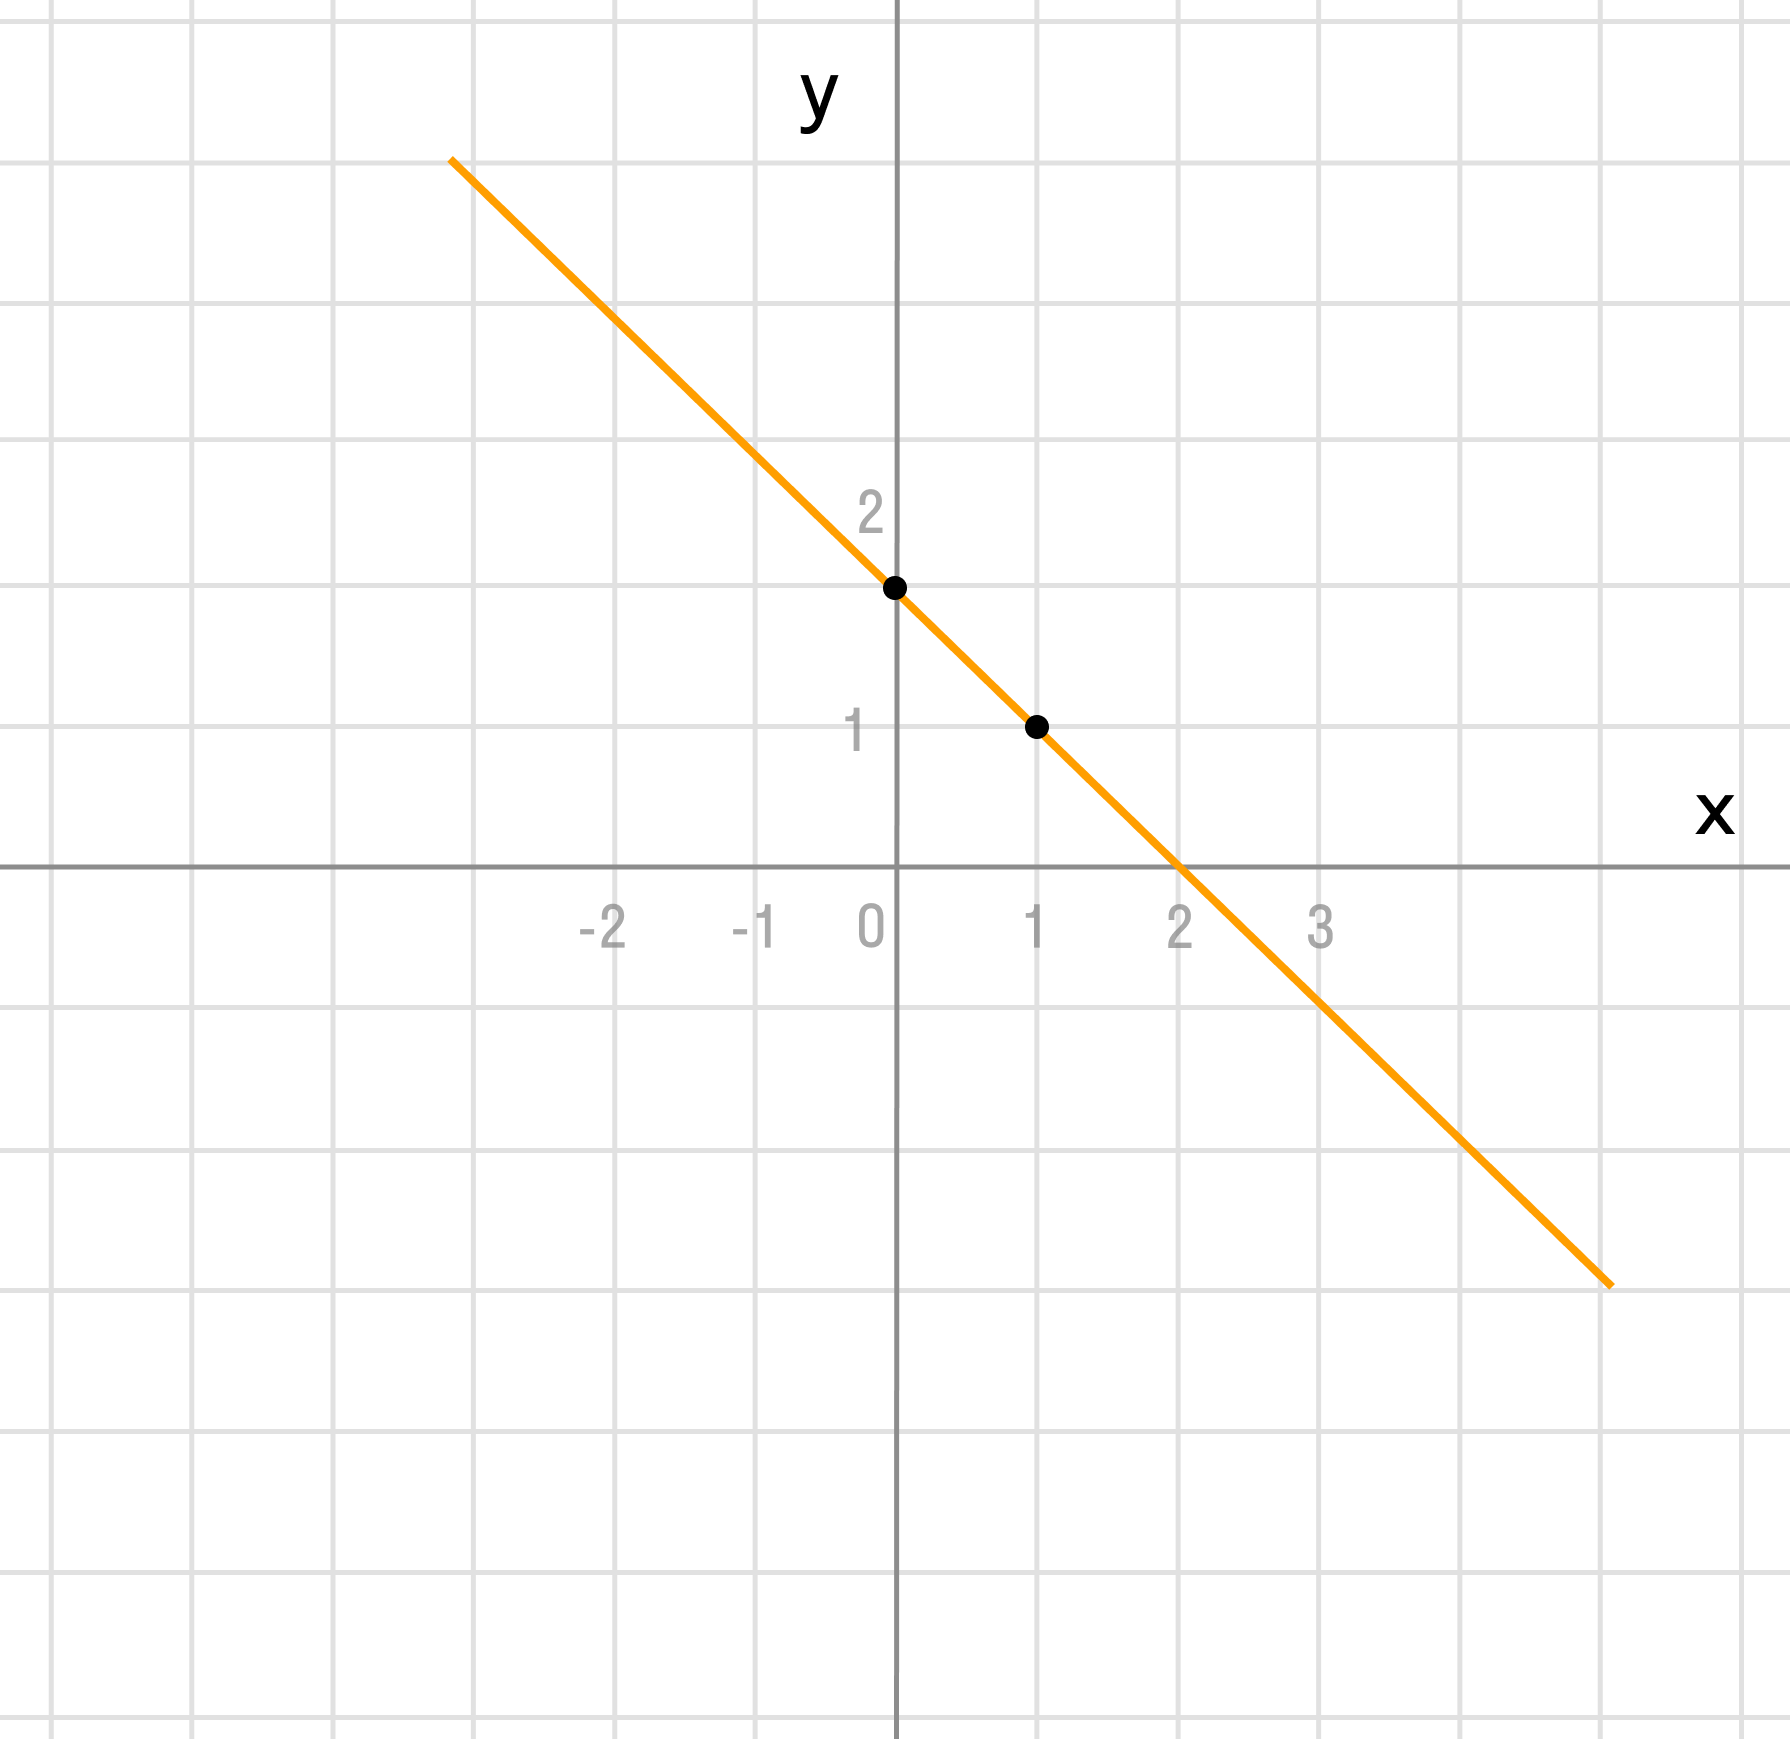 Задача 4. Построение функции по точкам 2